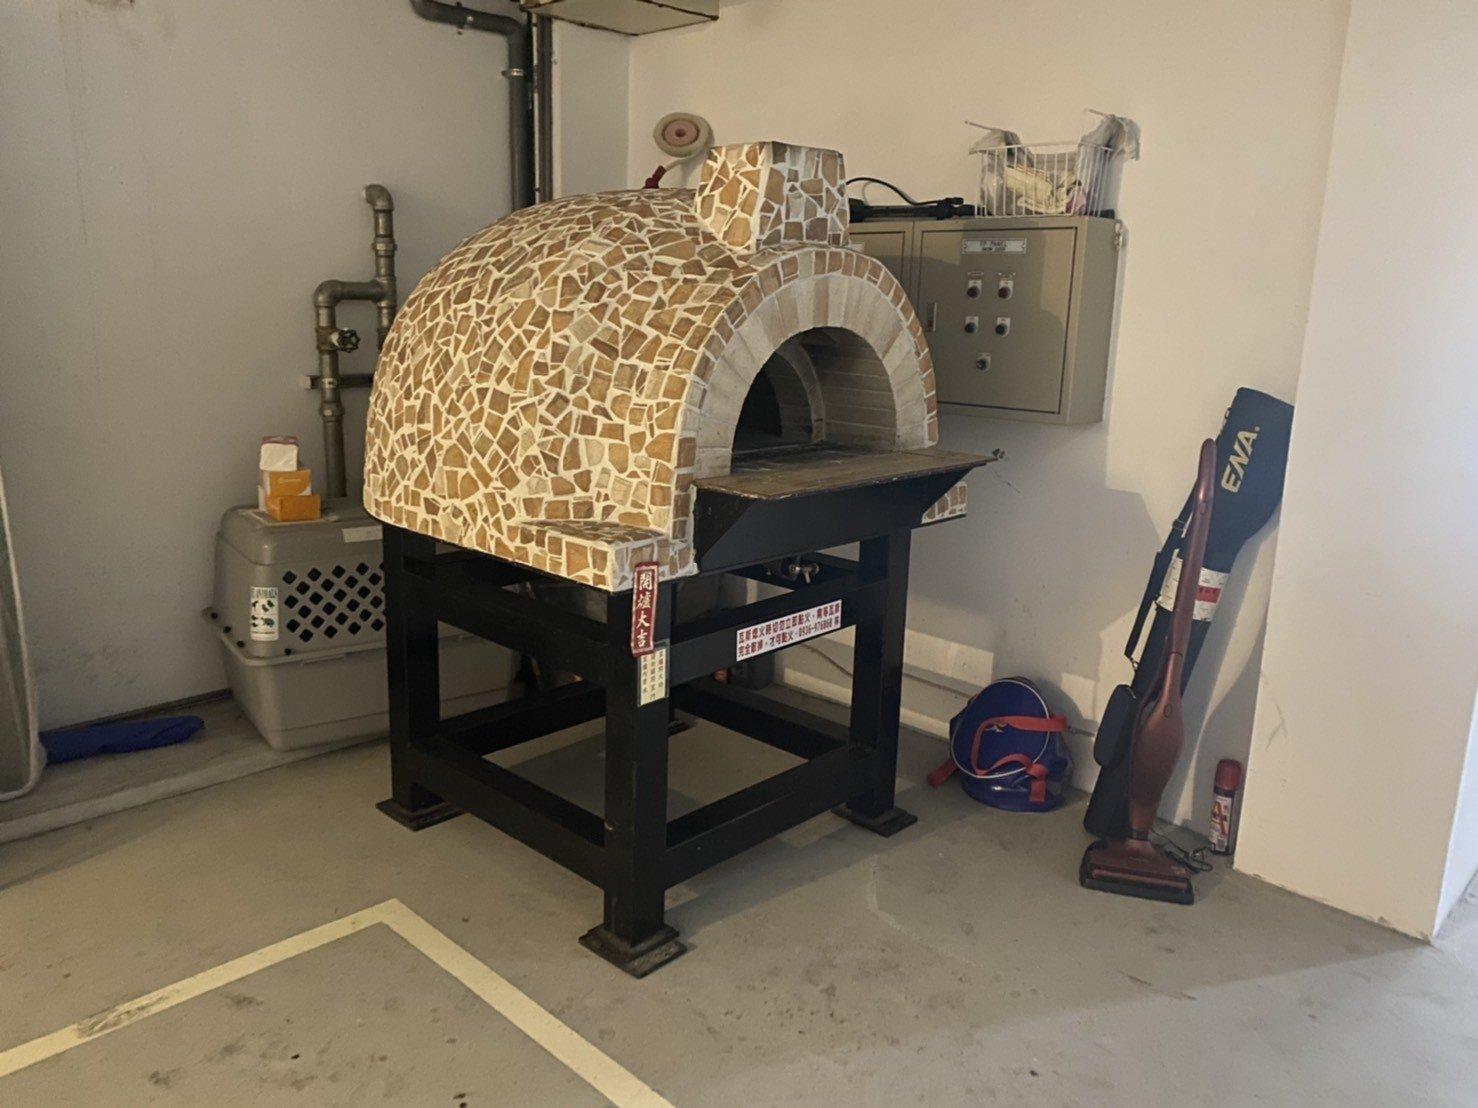 搬窯烤爐【榮福搬家公司】搬披薩窯、精搬金庫、搬保險櫃、精搬魚缸、跨縣搬家、搬工派遣、搬床墊、搬冰箱、搬家具、搬家首選、吊掛搬運、吊家具搬運、台北搬家公司推薦:大台北搬家,精緻包裝搬運「細膩包裝、專業搬運、用心服務、以客為尊」是榮福搬家公司的宗旨與精神。歡迎立即來電02-2651-2727專人服務。